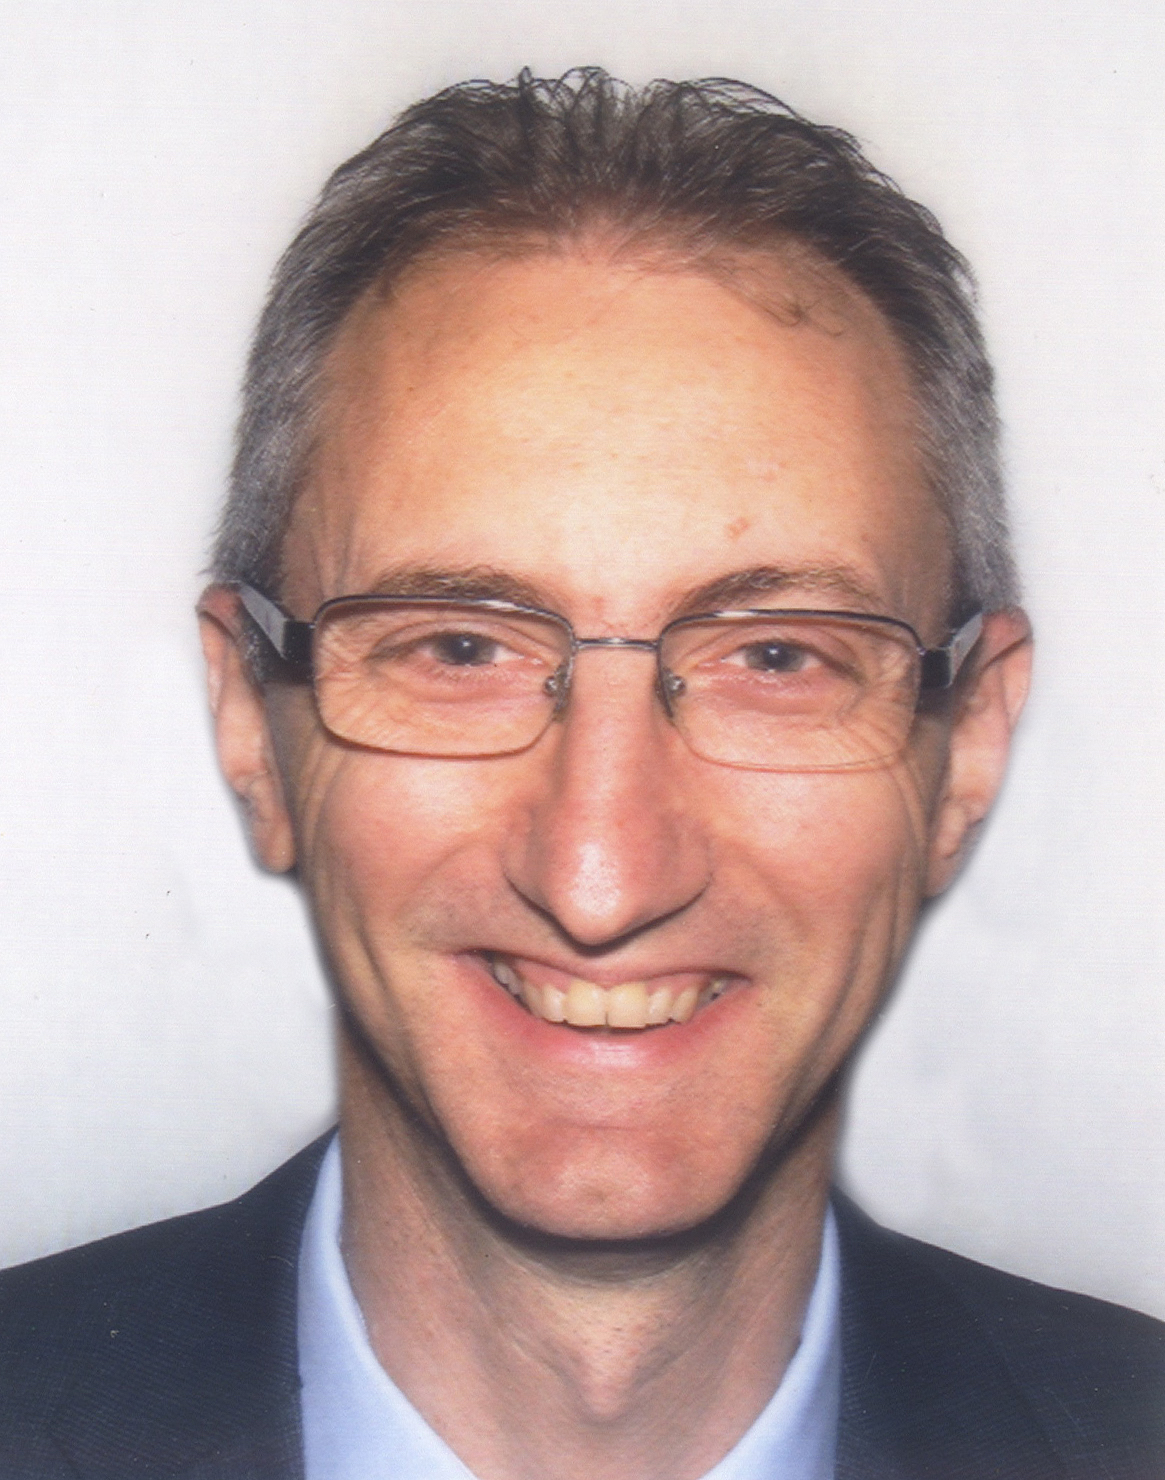 Mattia Cattaneo, Direttore Amministrazione e Finanza di Fnm